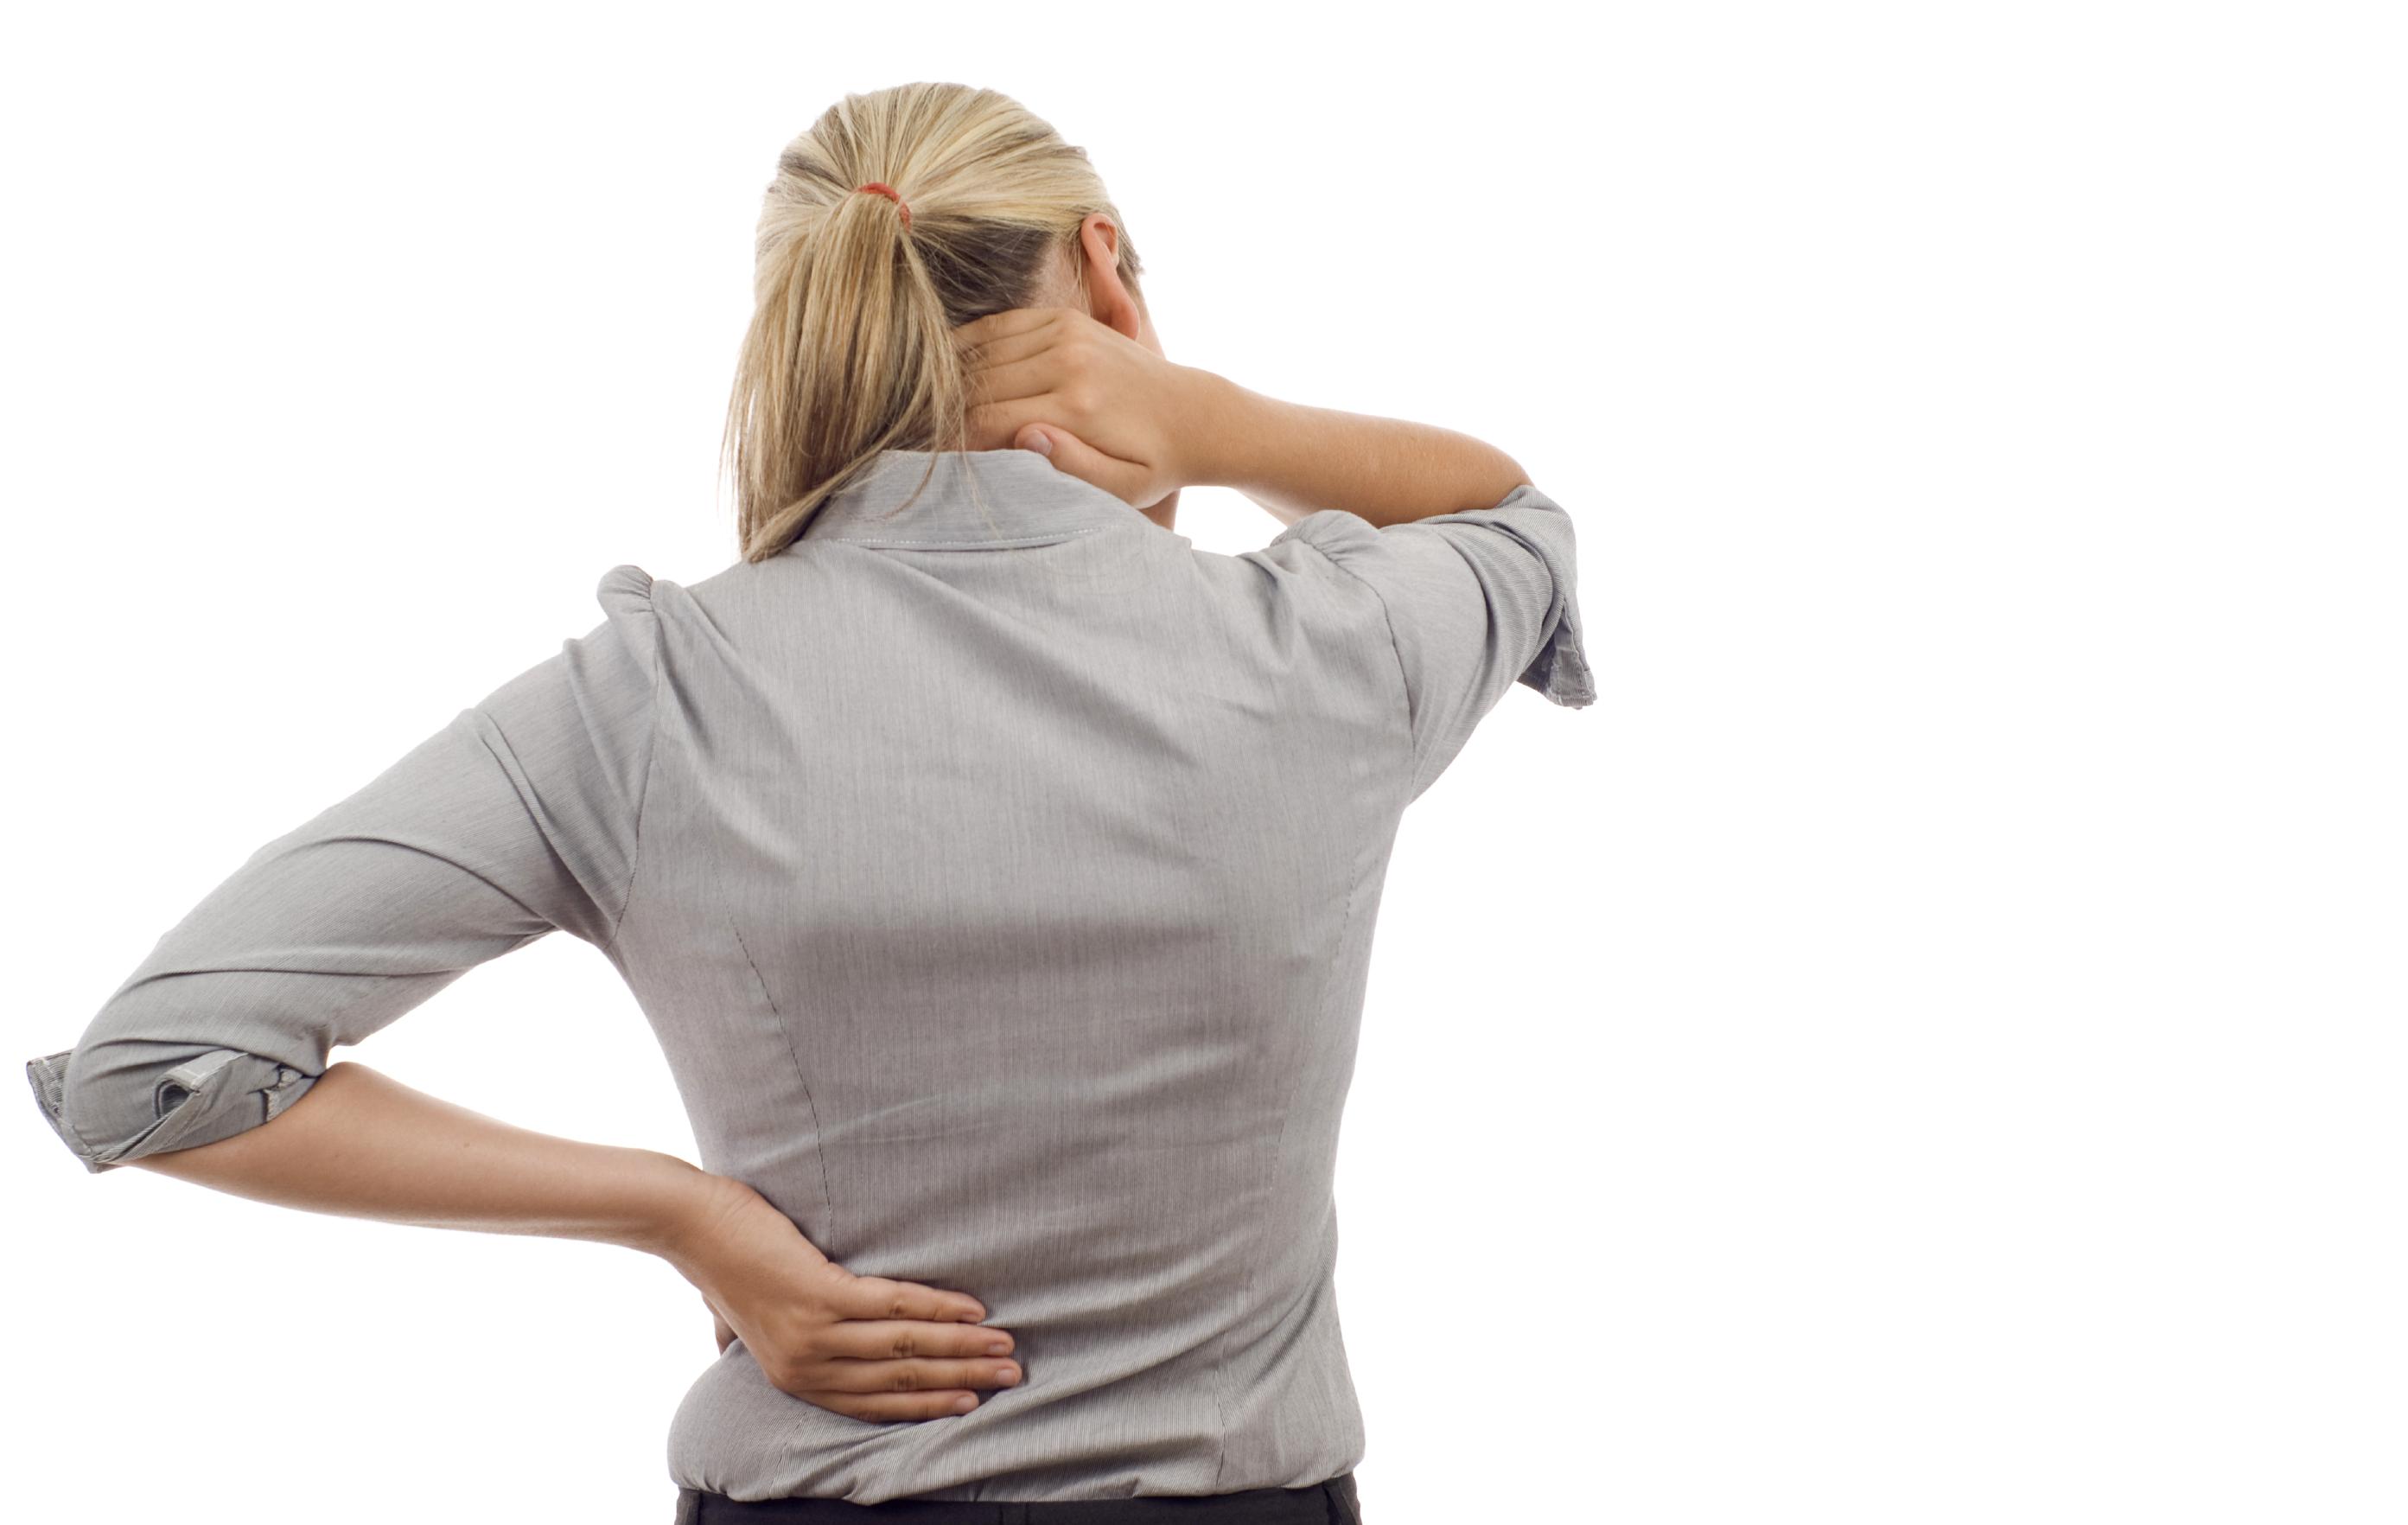 чем грозят боли в спине